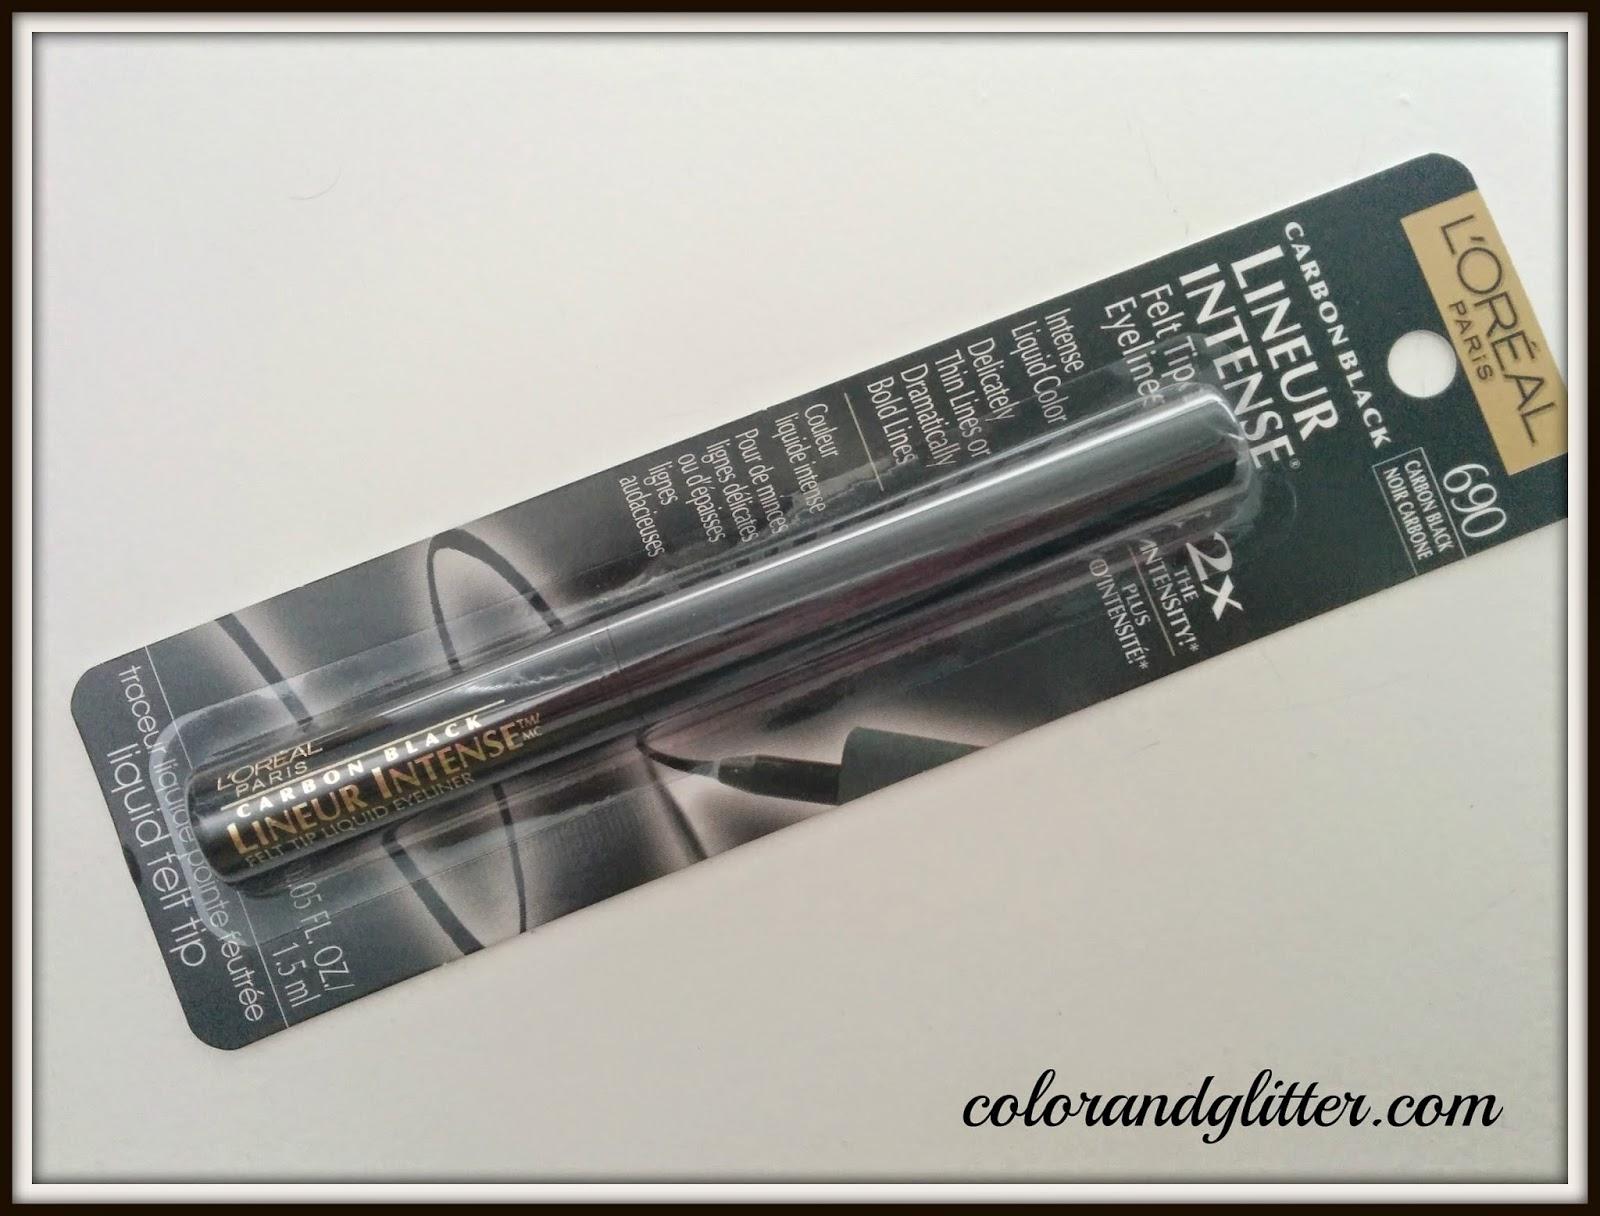 L'Oréal Lineur Intense Felt Tip Eyeliner in Carbon Black